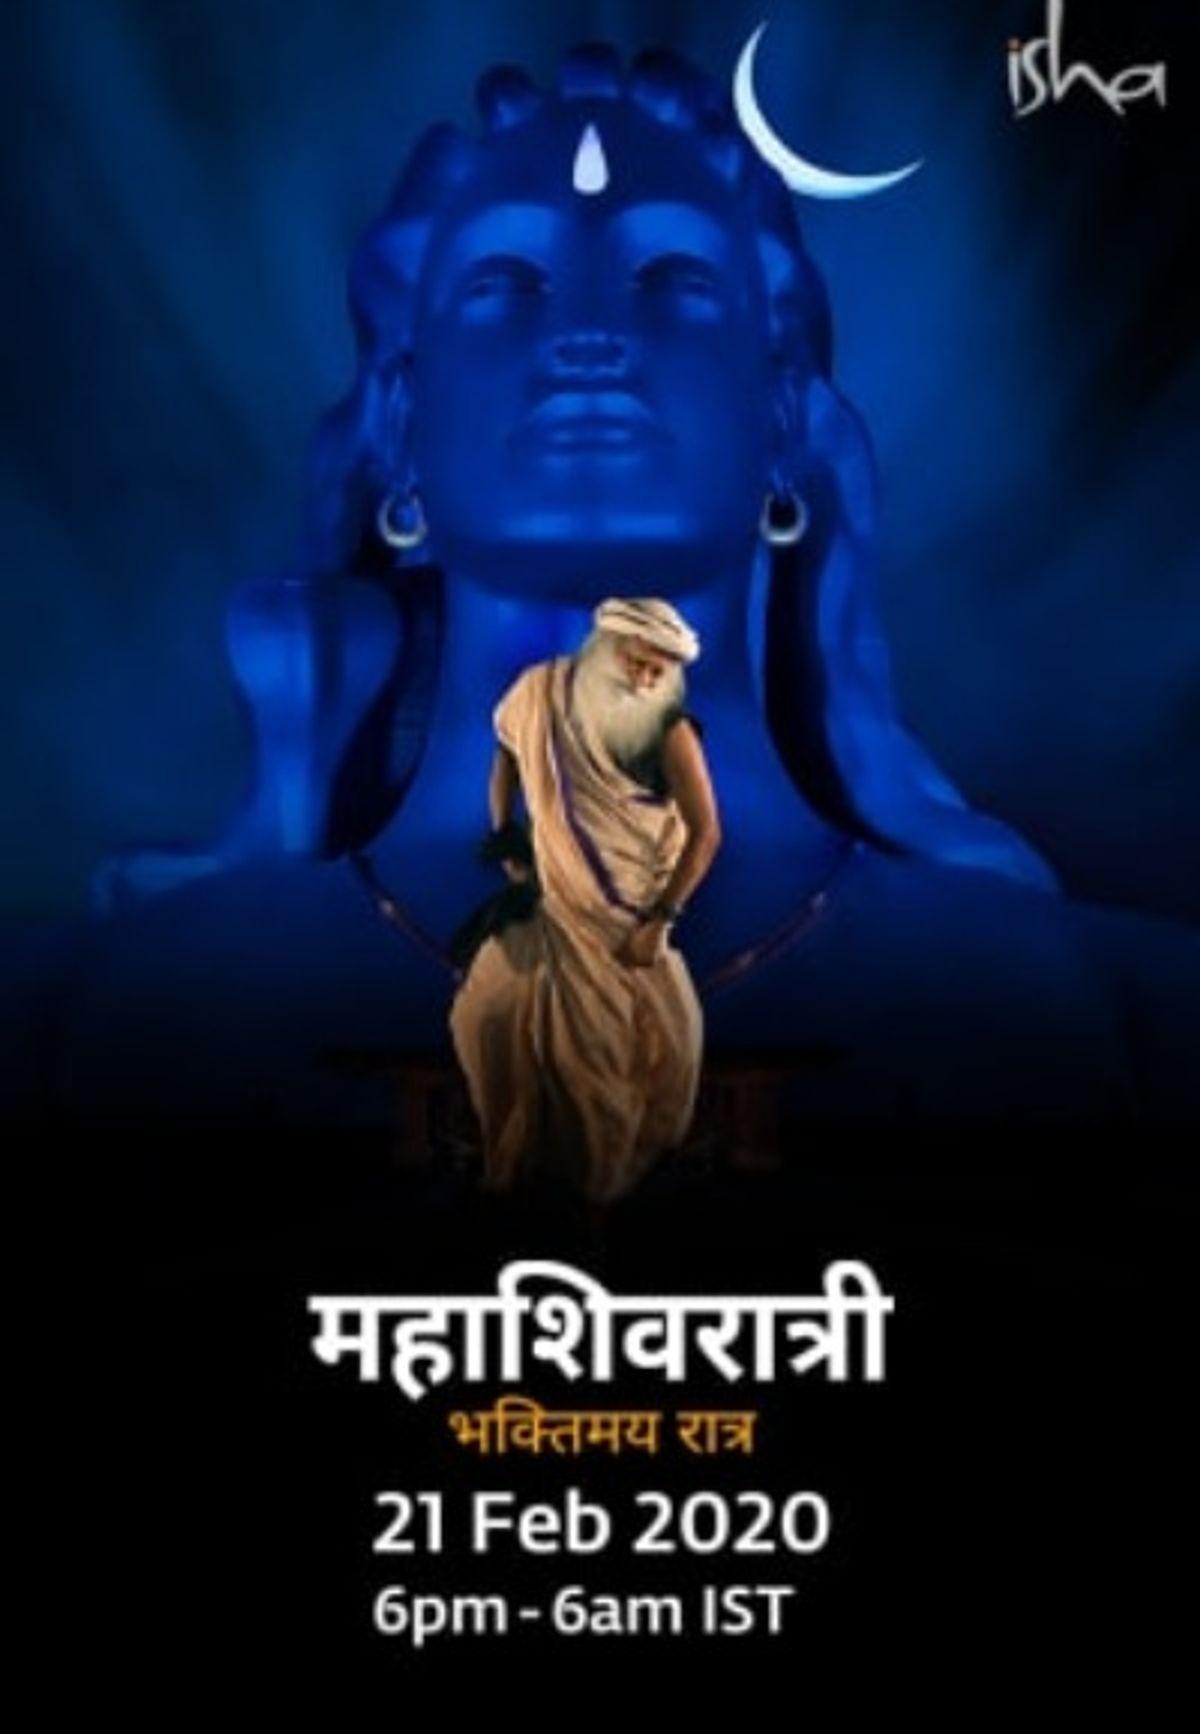 Isha Mahashivratri 2020